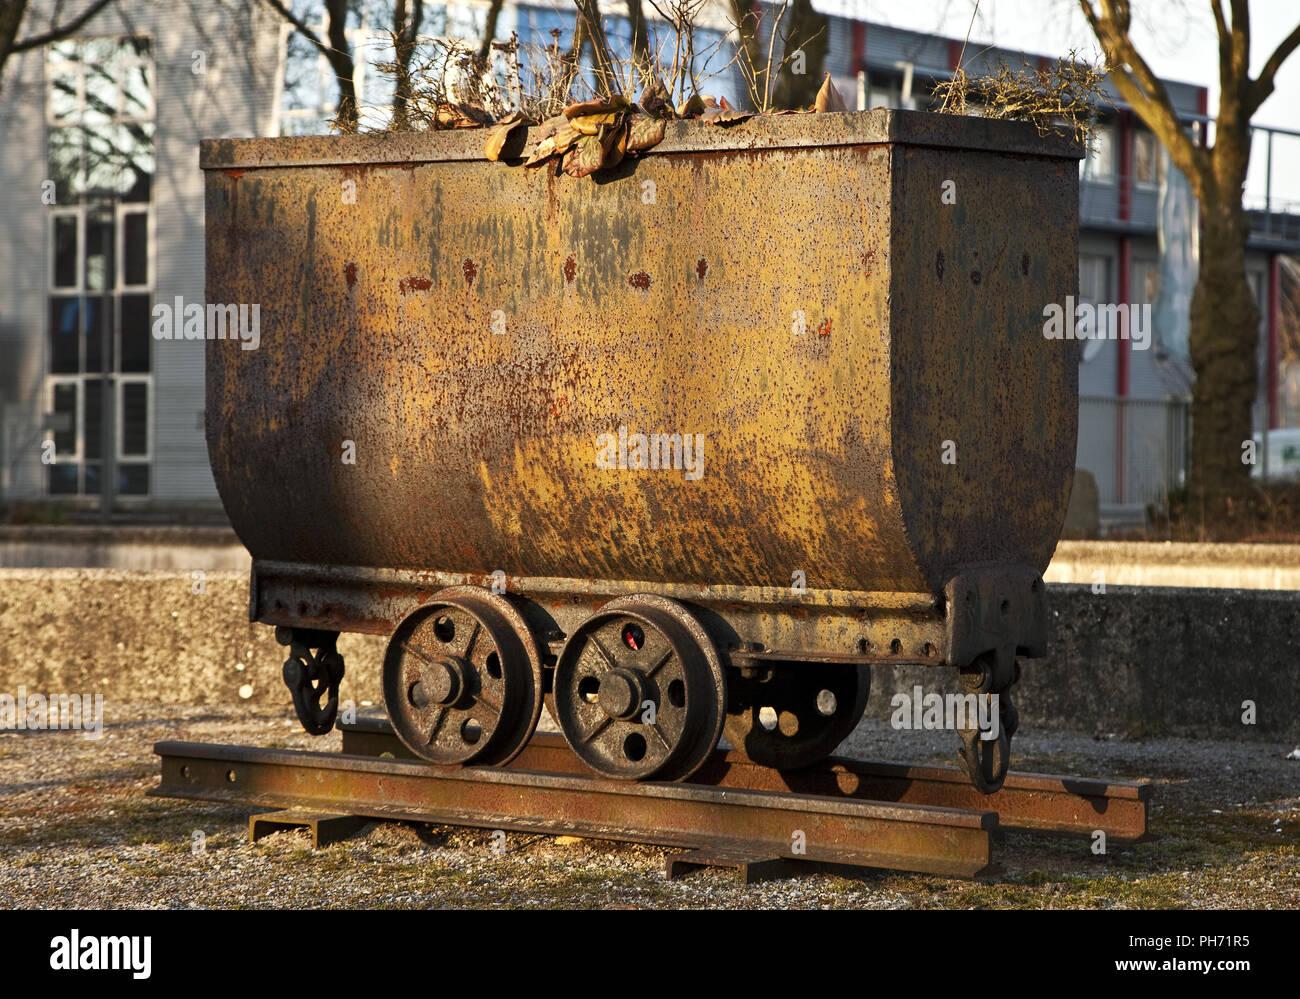 Kohlen Lore, mine Arensberg Sequel, Bottrop, Deutschland Stockbild